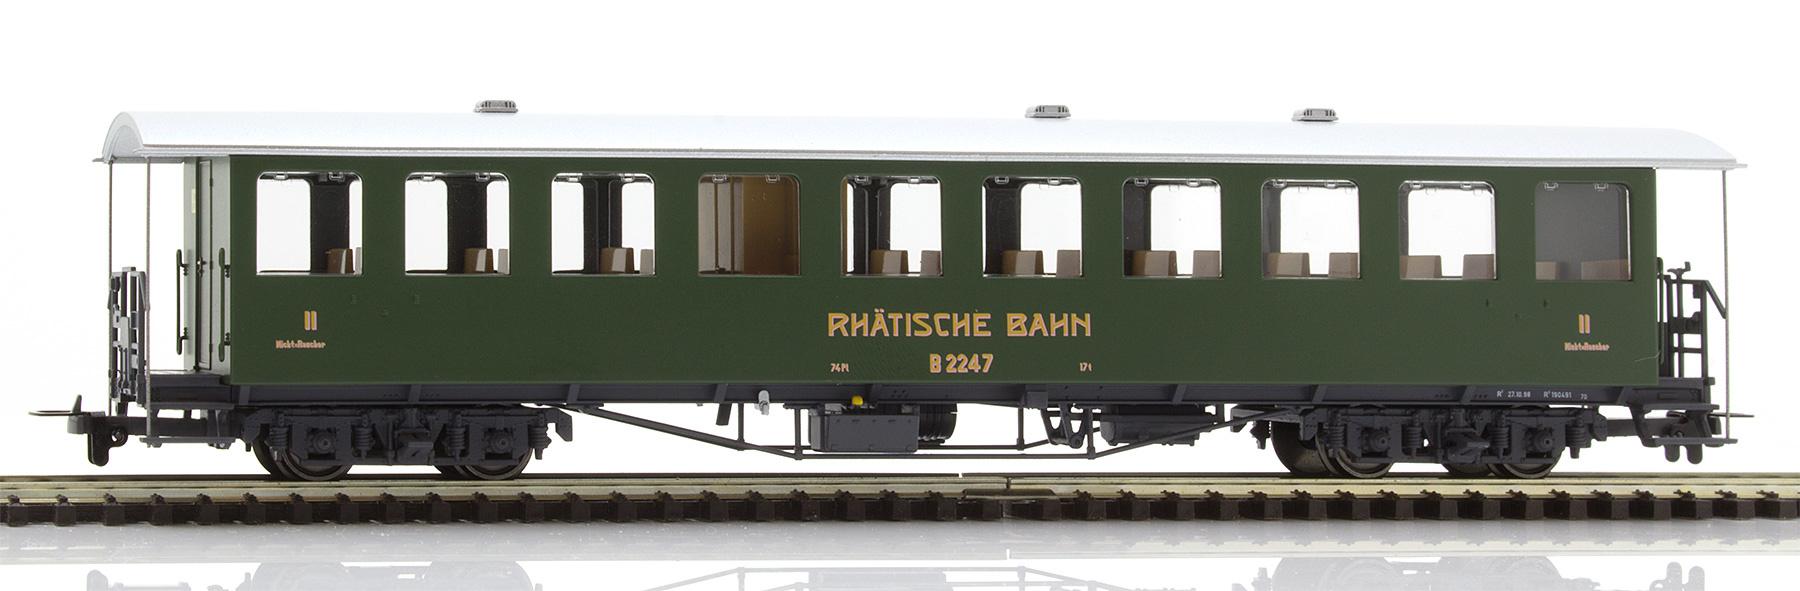 3235147 RhB B 2247 Nostalgie-Plattformwagen-1